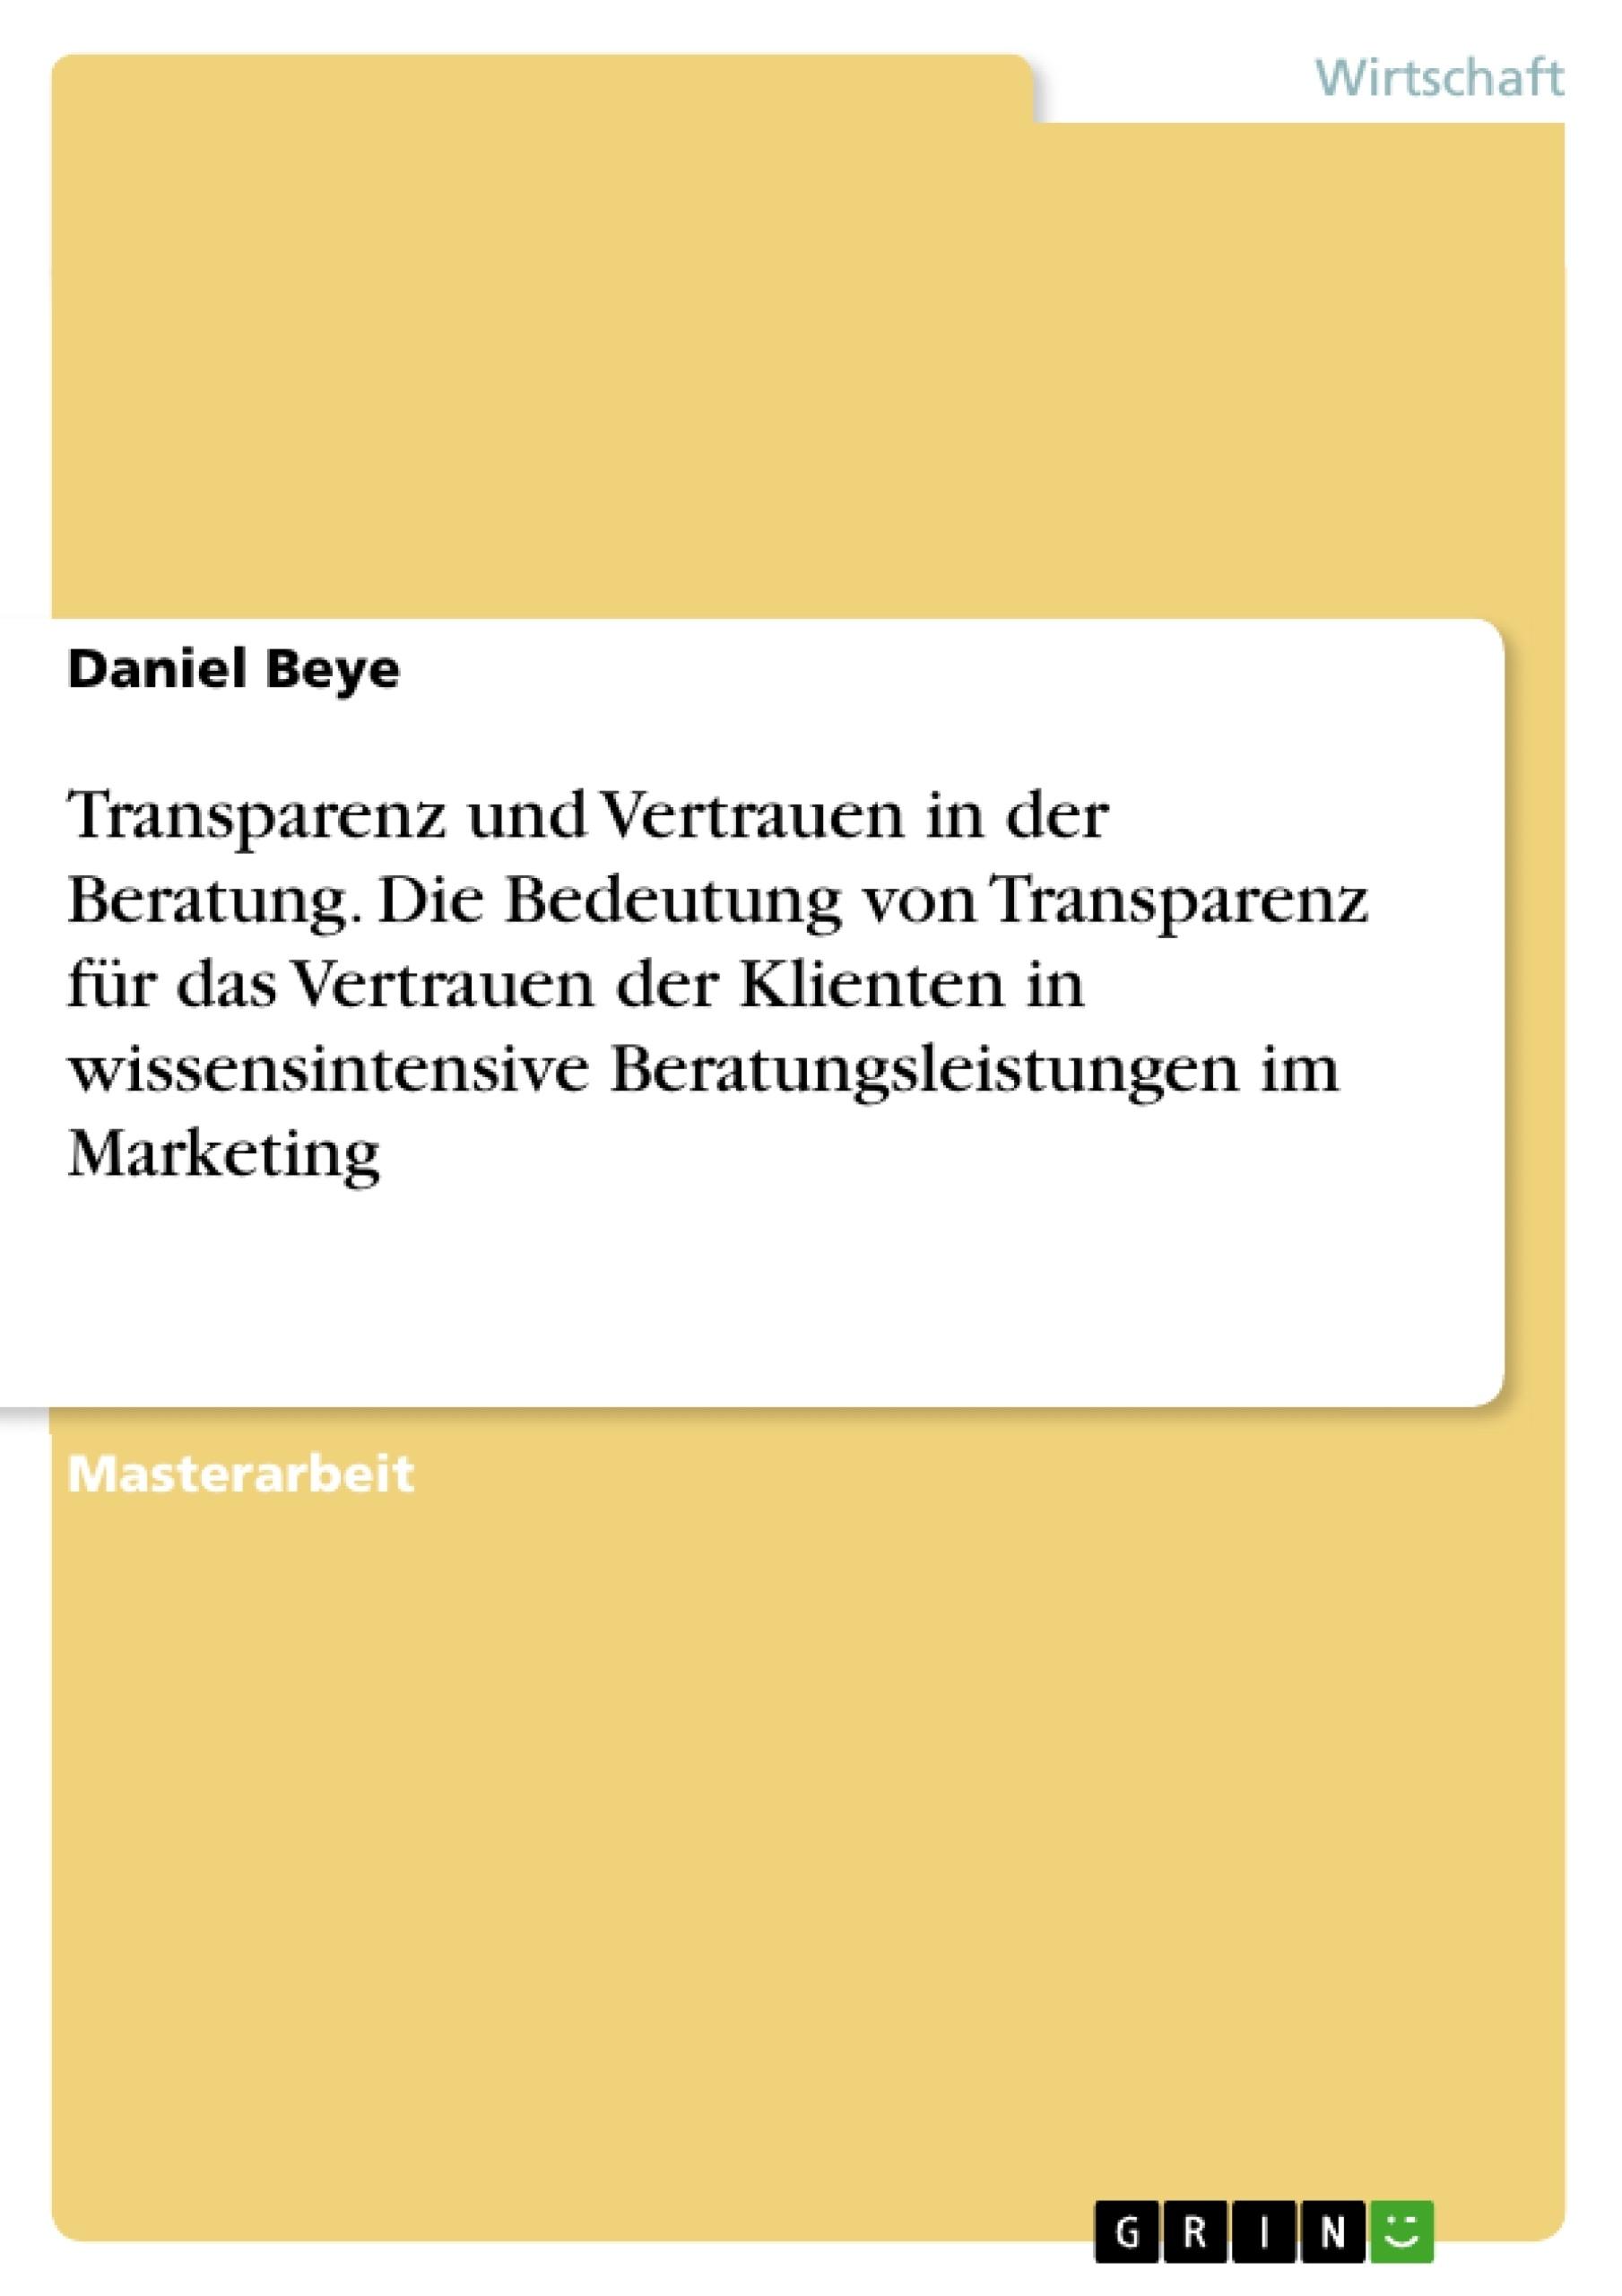 Titel: Transparenz und Vertrauen in der Beratung. Die Bedeutung von Transparenz für das Vertrauen der Klienten in wissensintensive Beratungsleistungen im Marketing